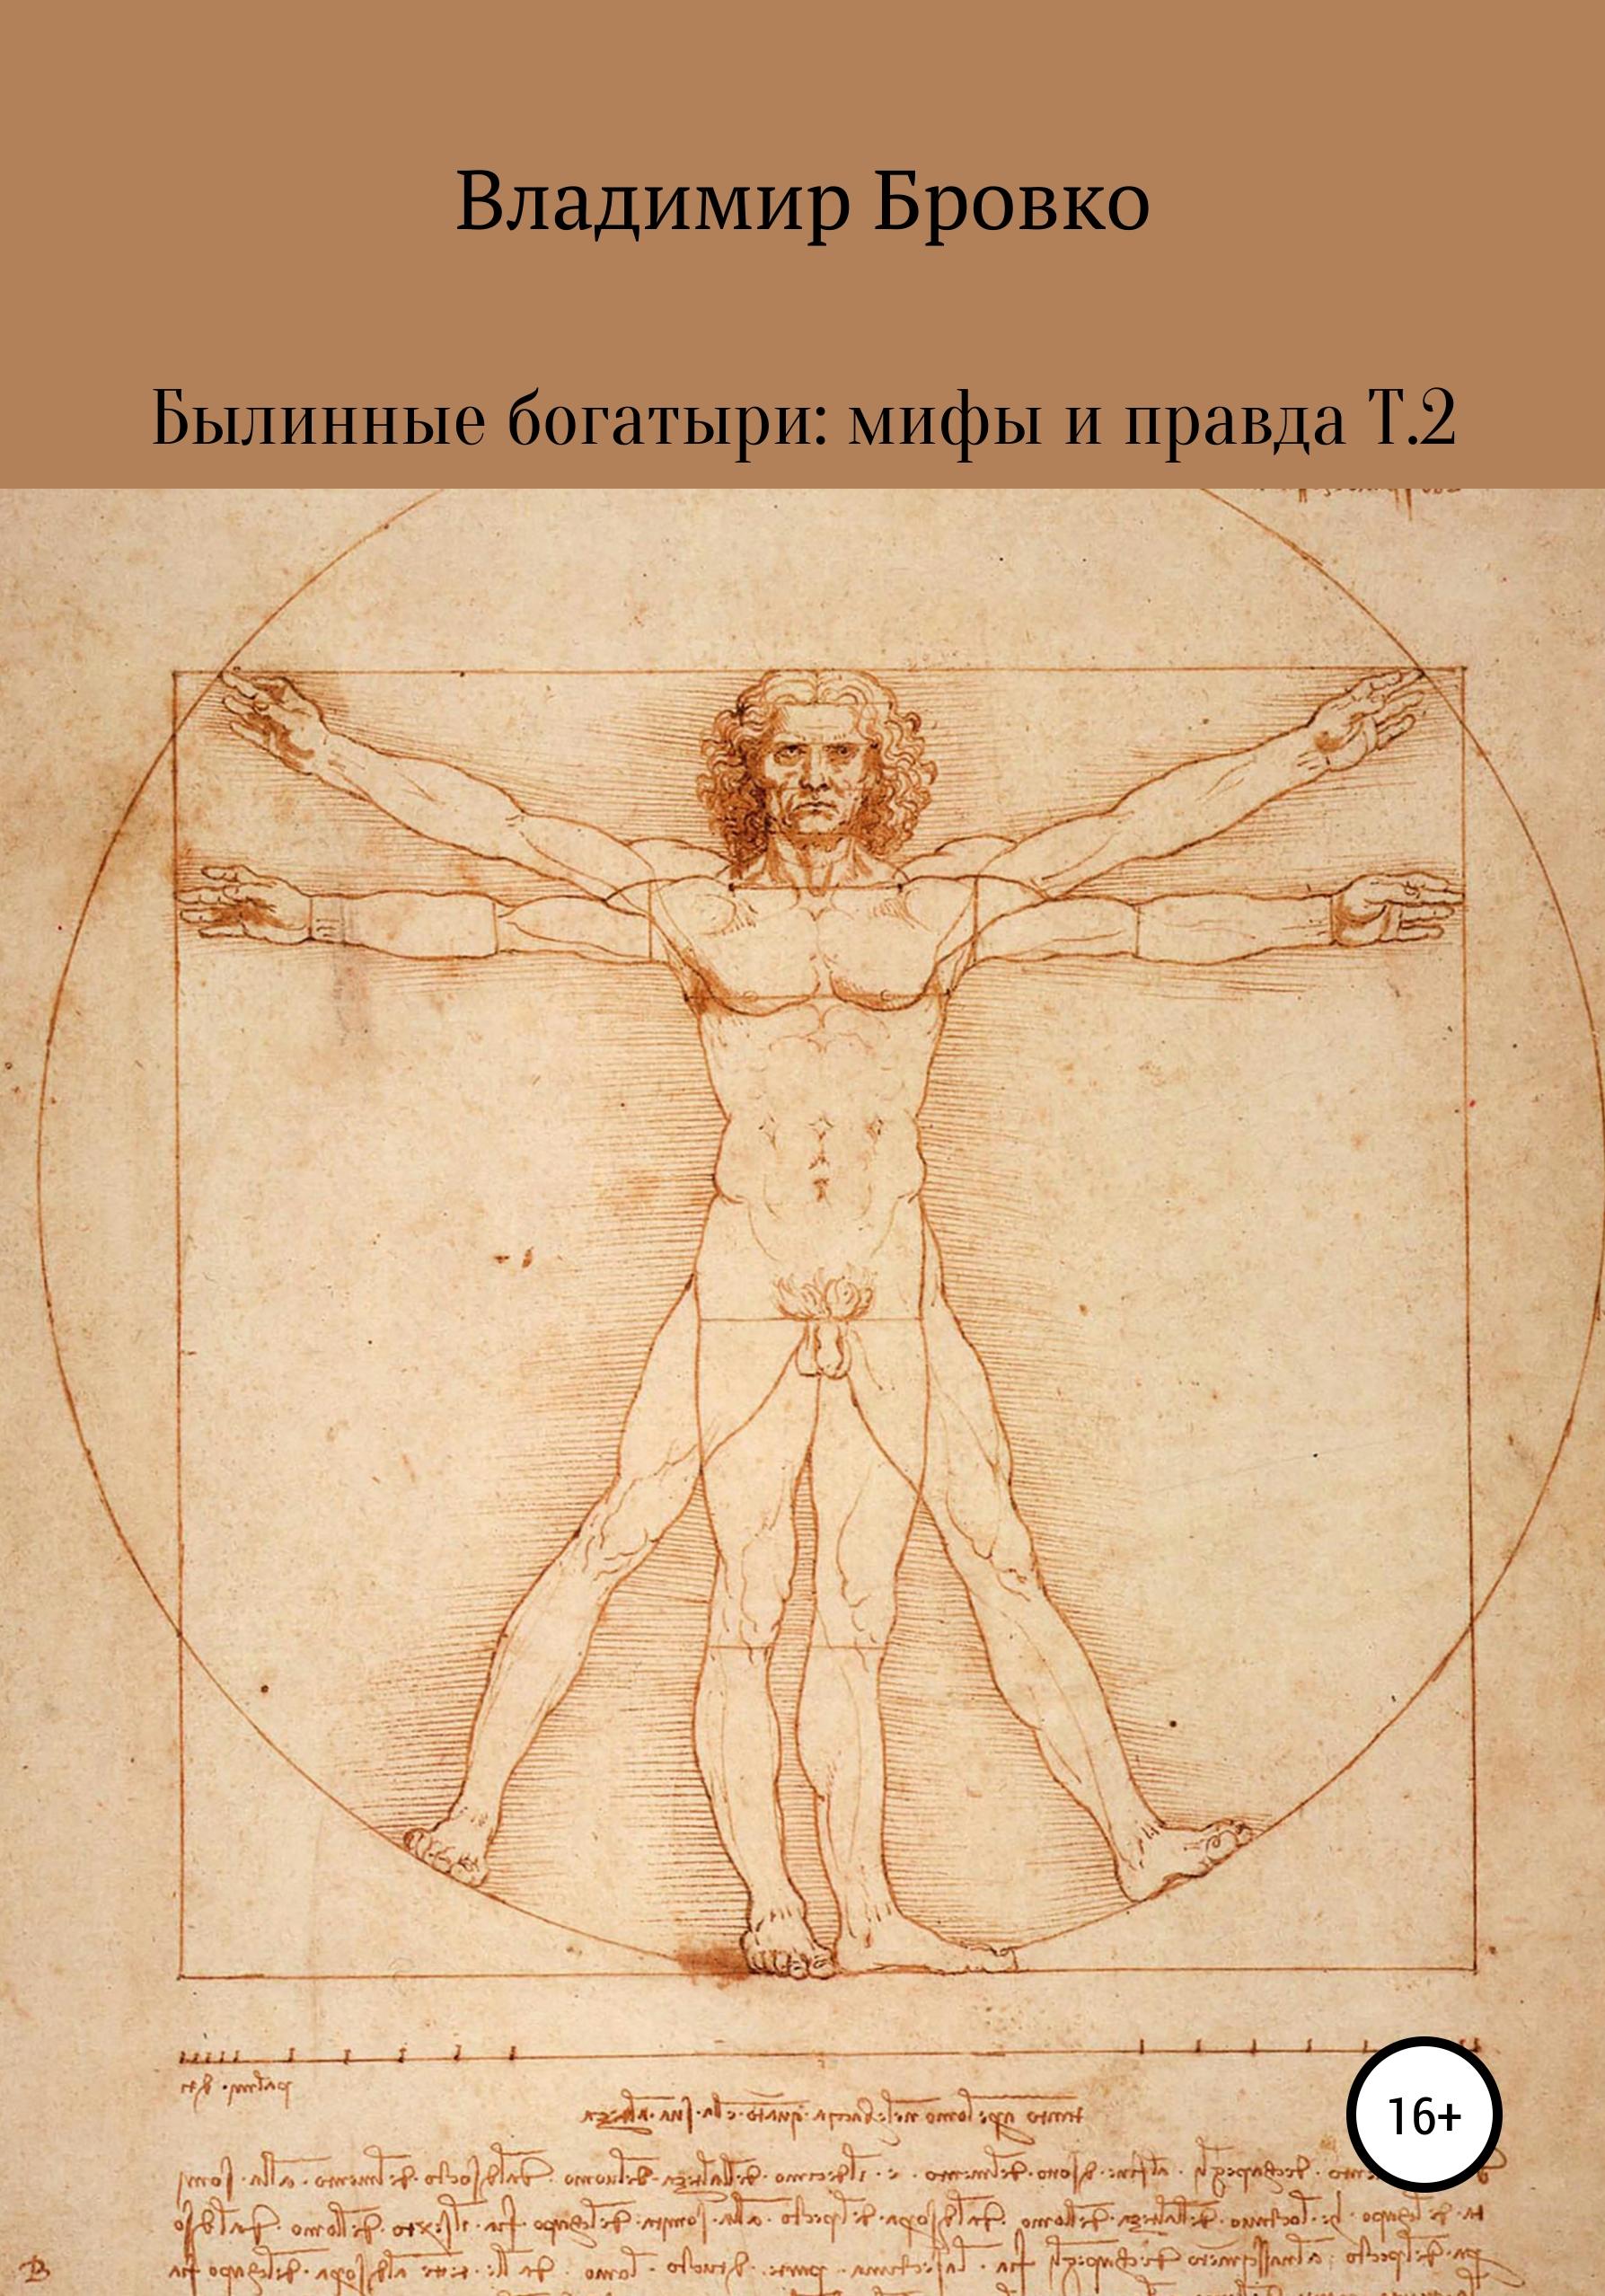 Былинные богатыри: мифы и правда. Т. 2